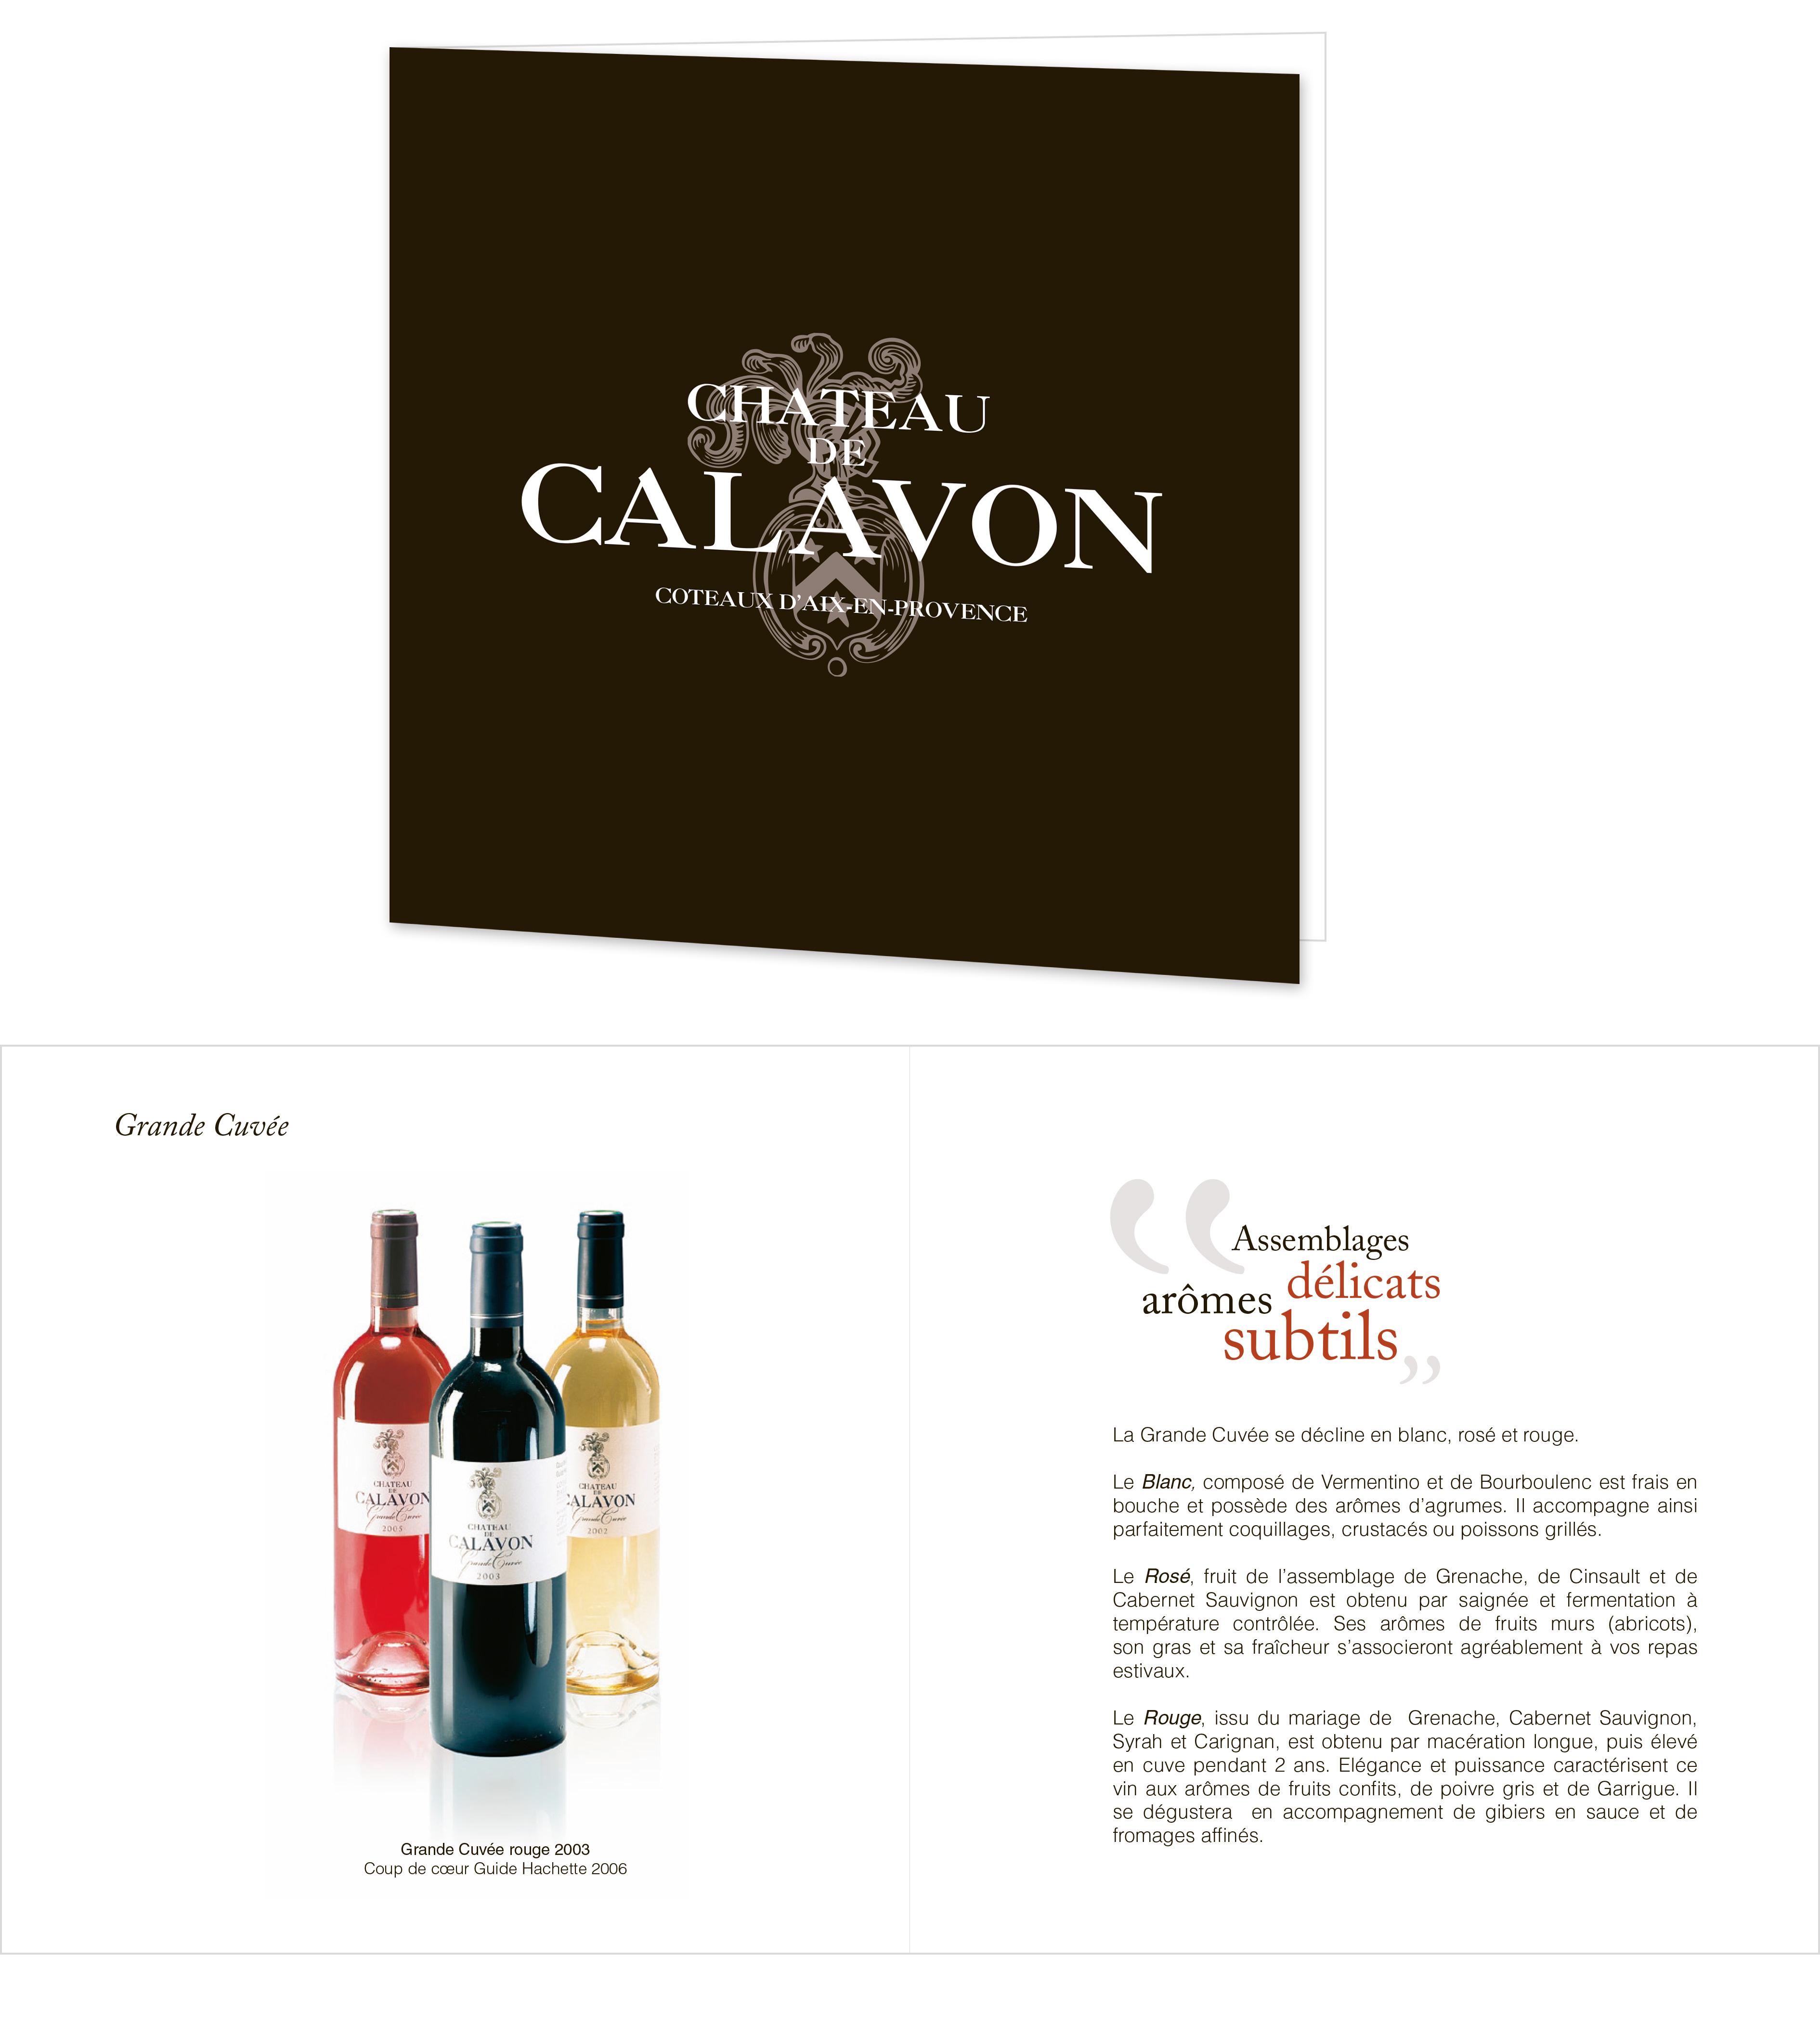 Le château de Calavon